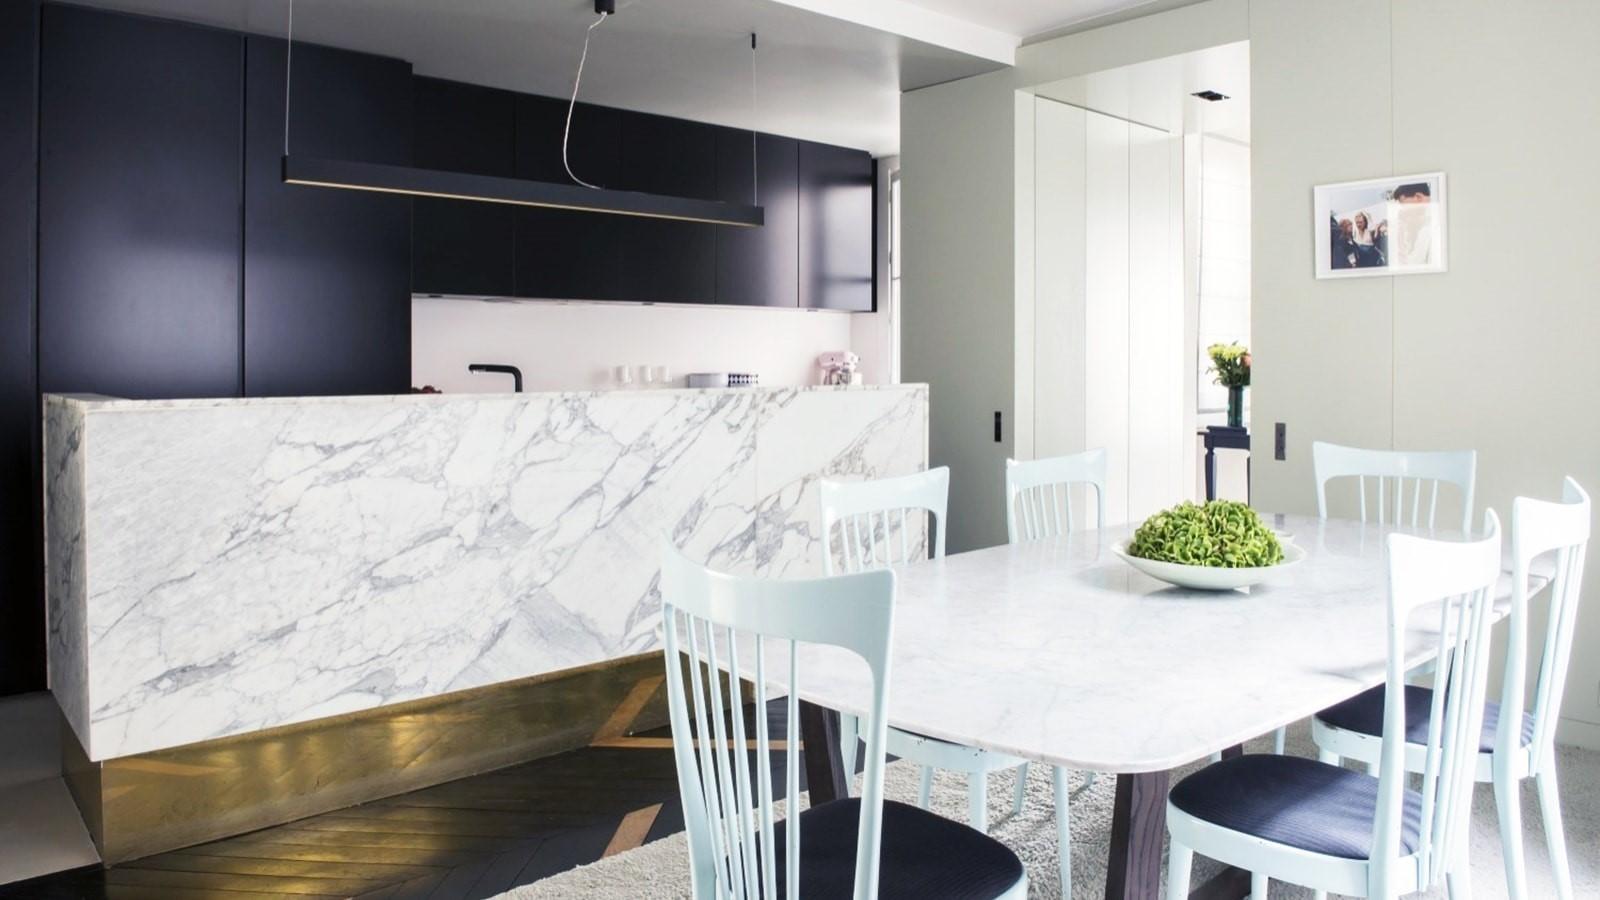 Salle A Manger Paris cuisine et salle à manger – paris 10ème - efi design